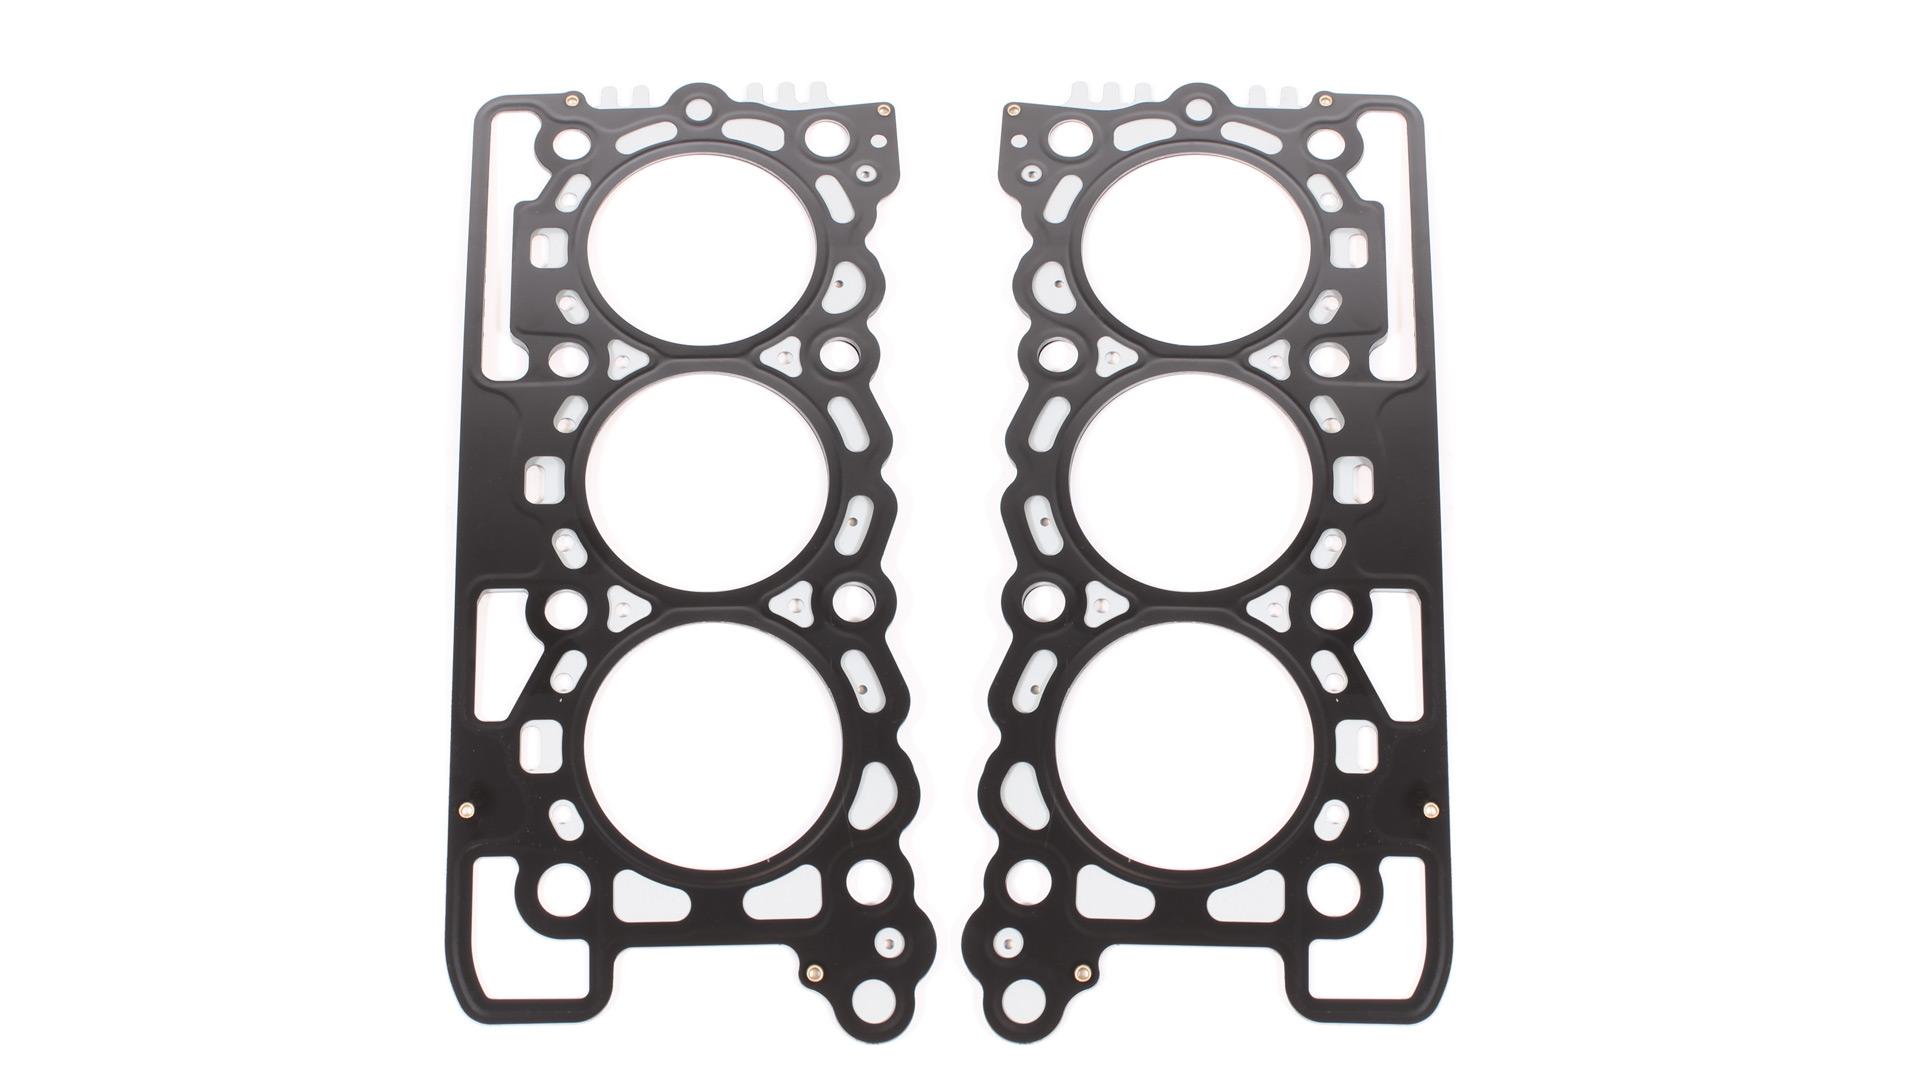 2x Zylinderkopfdichtung Ford 2,7 V6 TDCi 276DT 4R8Q-6051-EE NEU